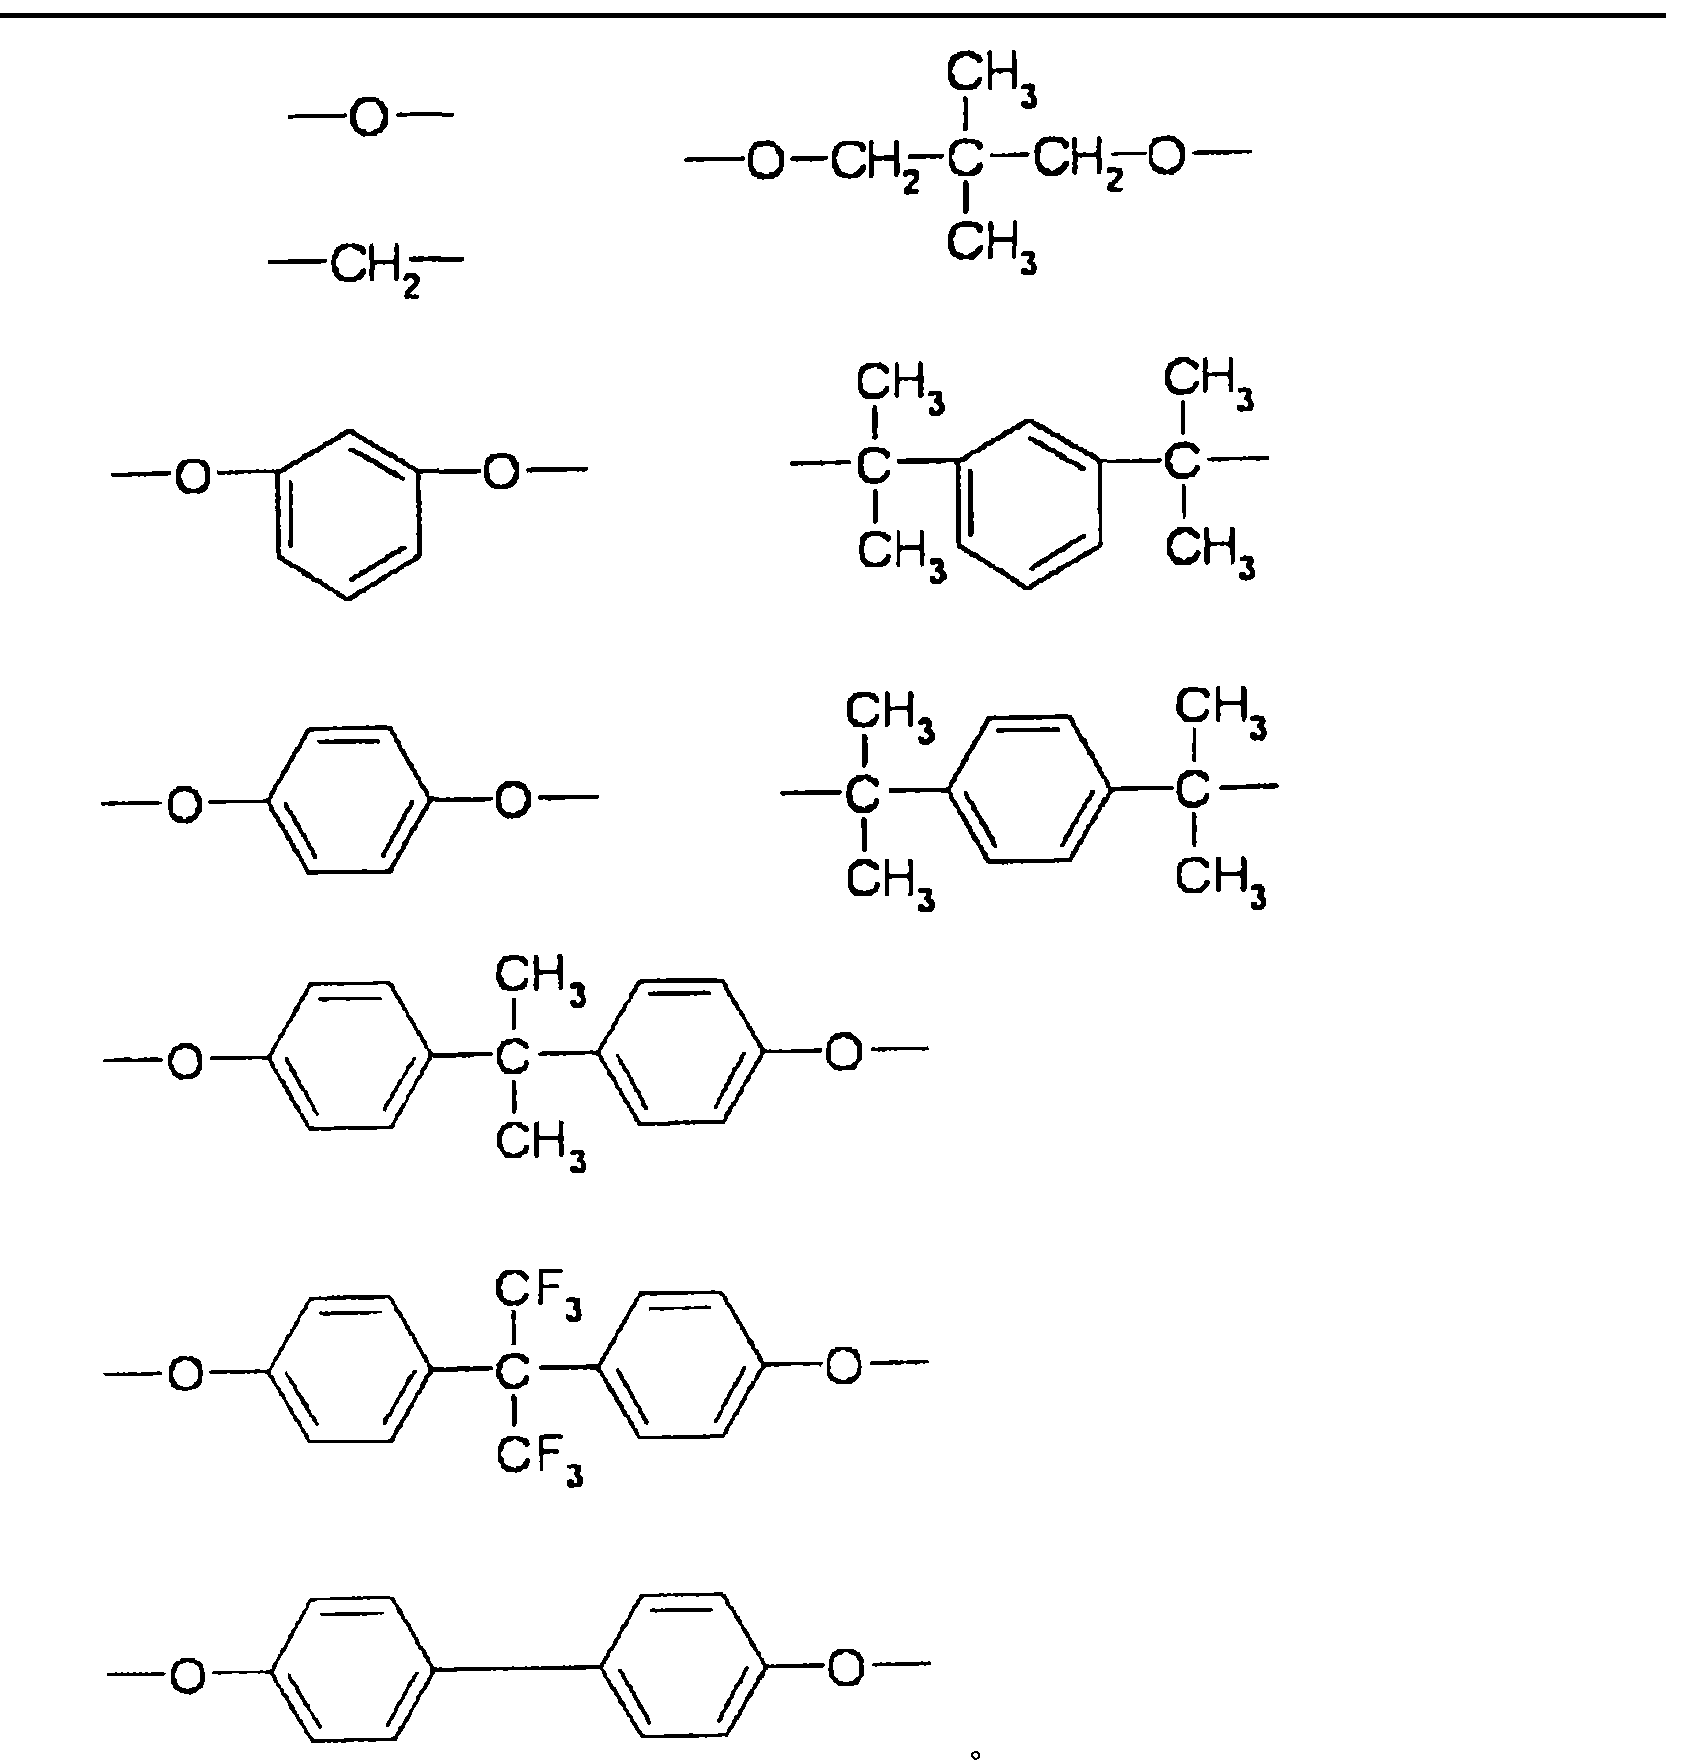 具有苯并*嗪结构的热固性树脂及其制造方法